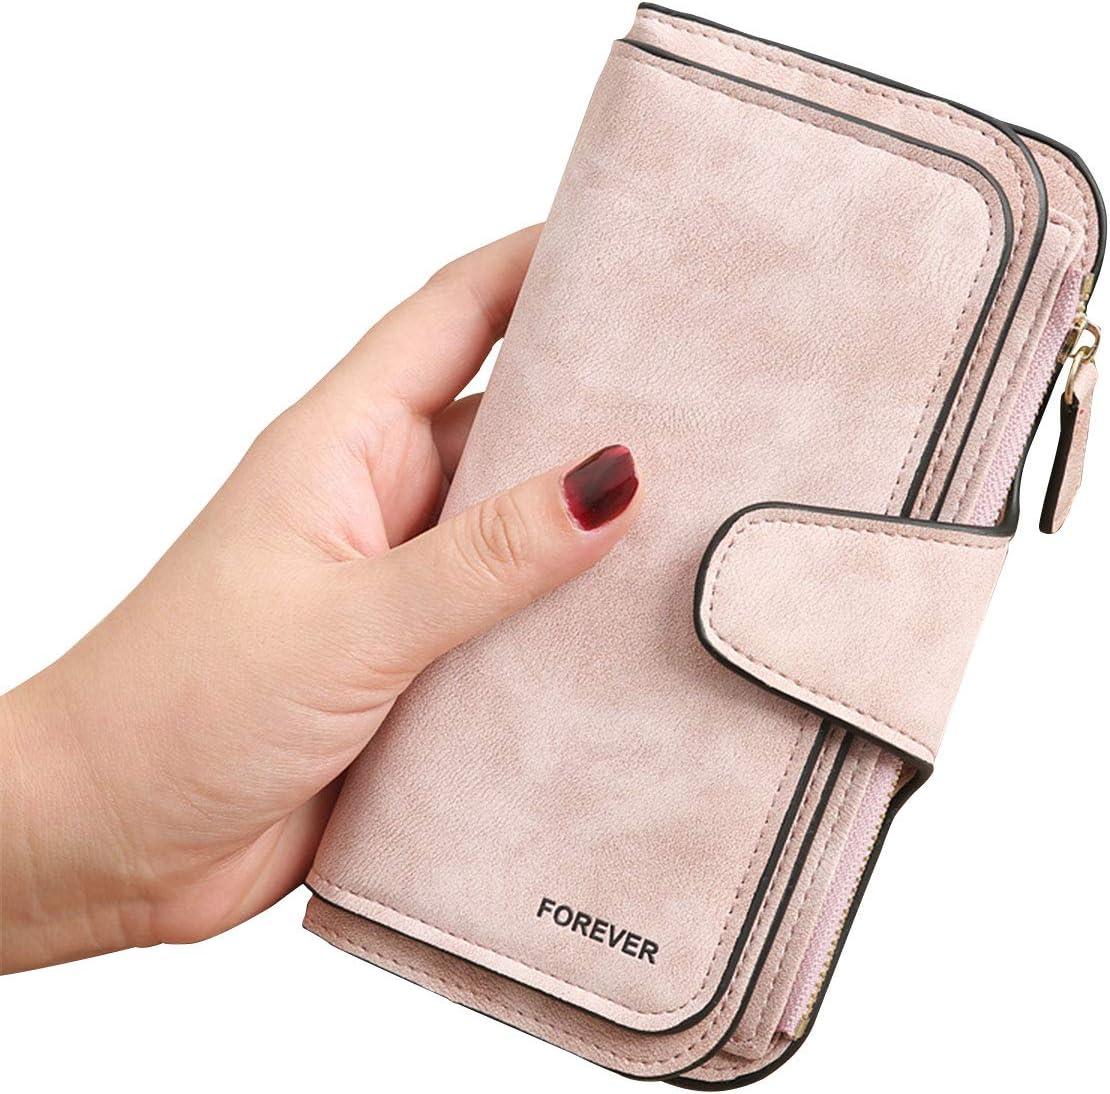 Gran Capacidad Cartera de Cuero de Mujer, Bloqueo RFID Monedero de Piel para Señora, Larga Billetera de Mujer con Bolsillo de Cremallera y Correas de Muñeca (Rosa)